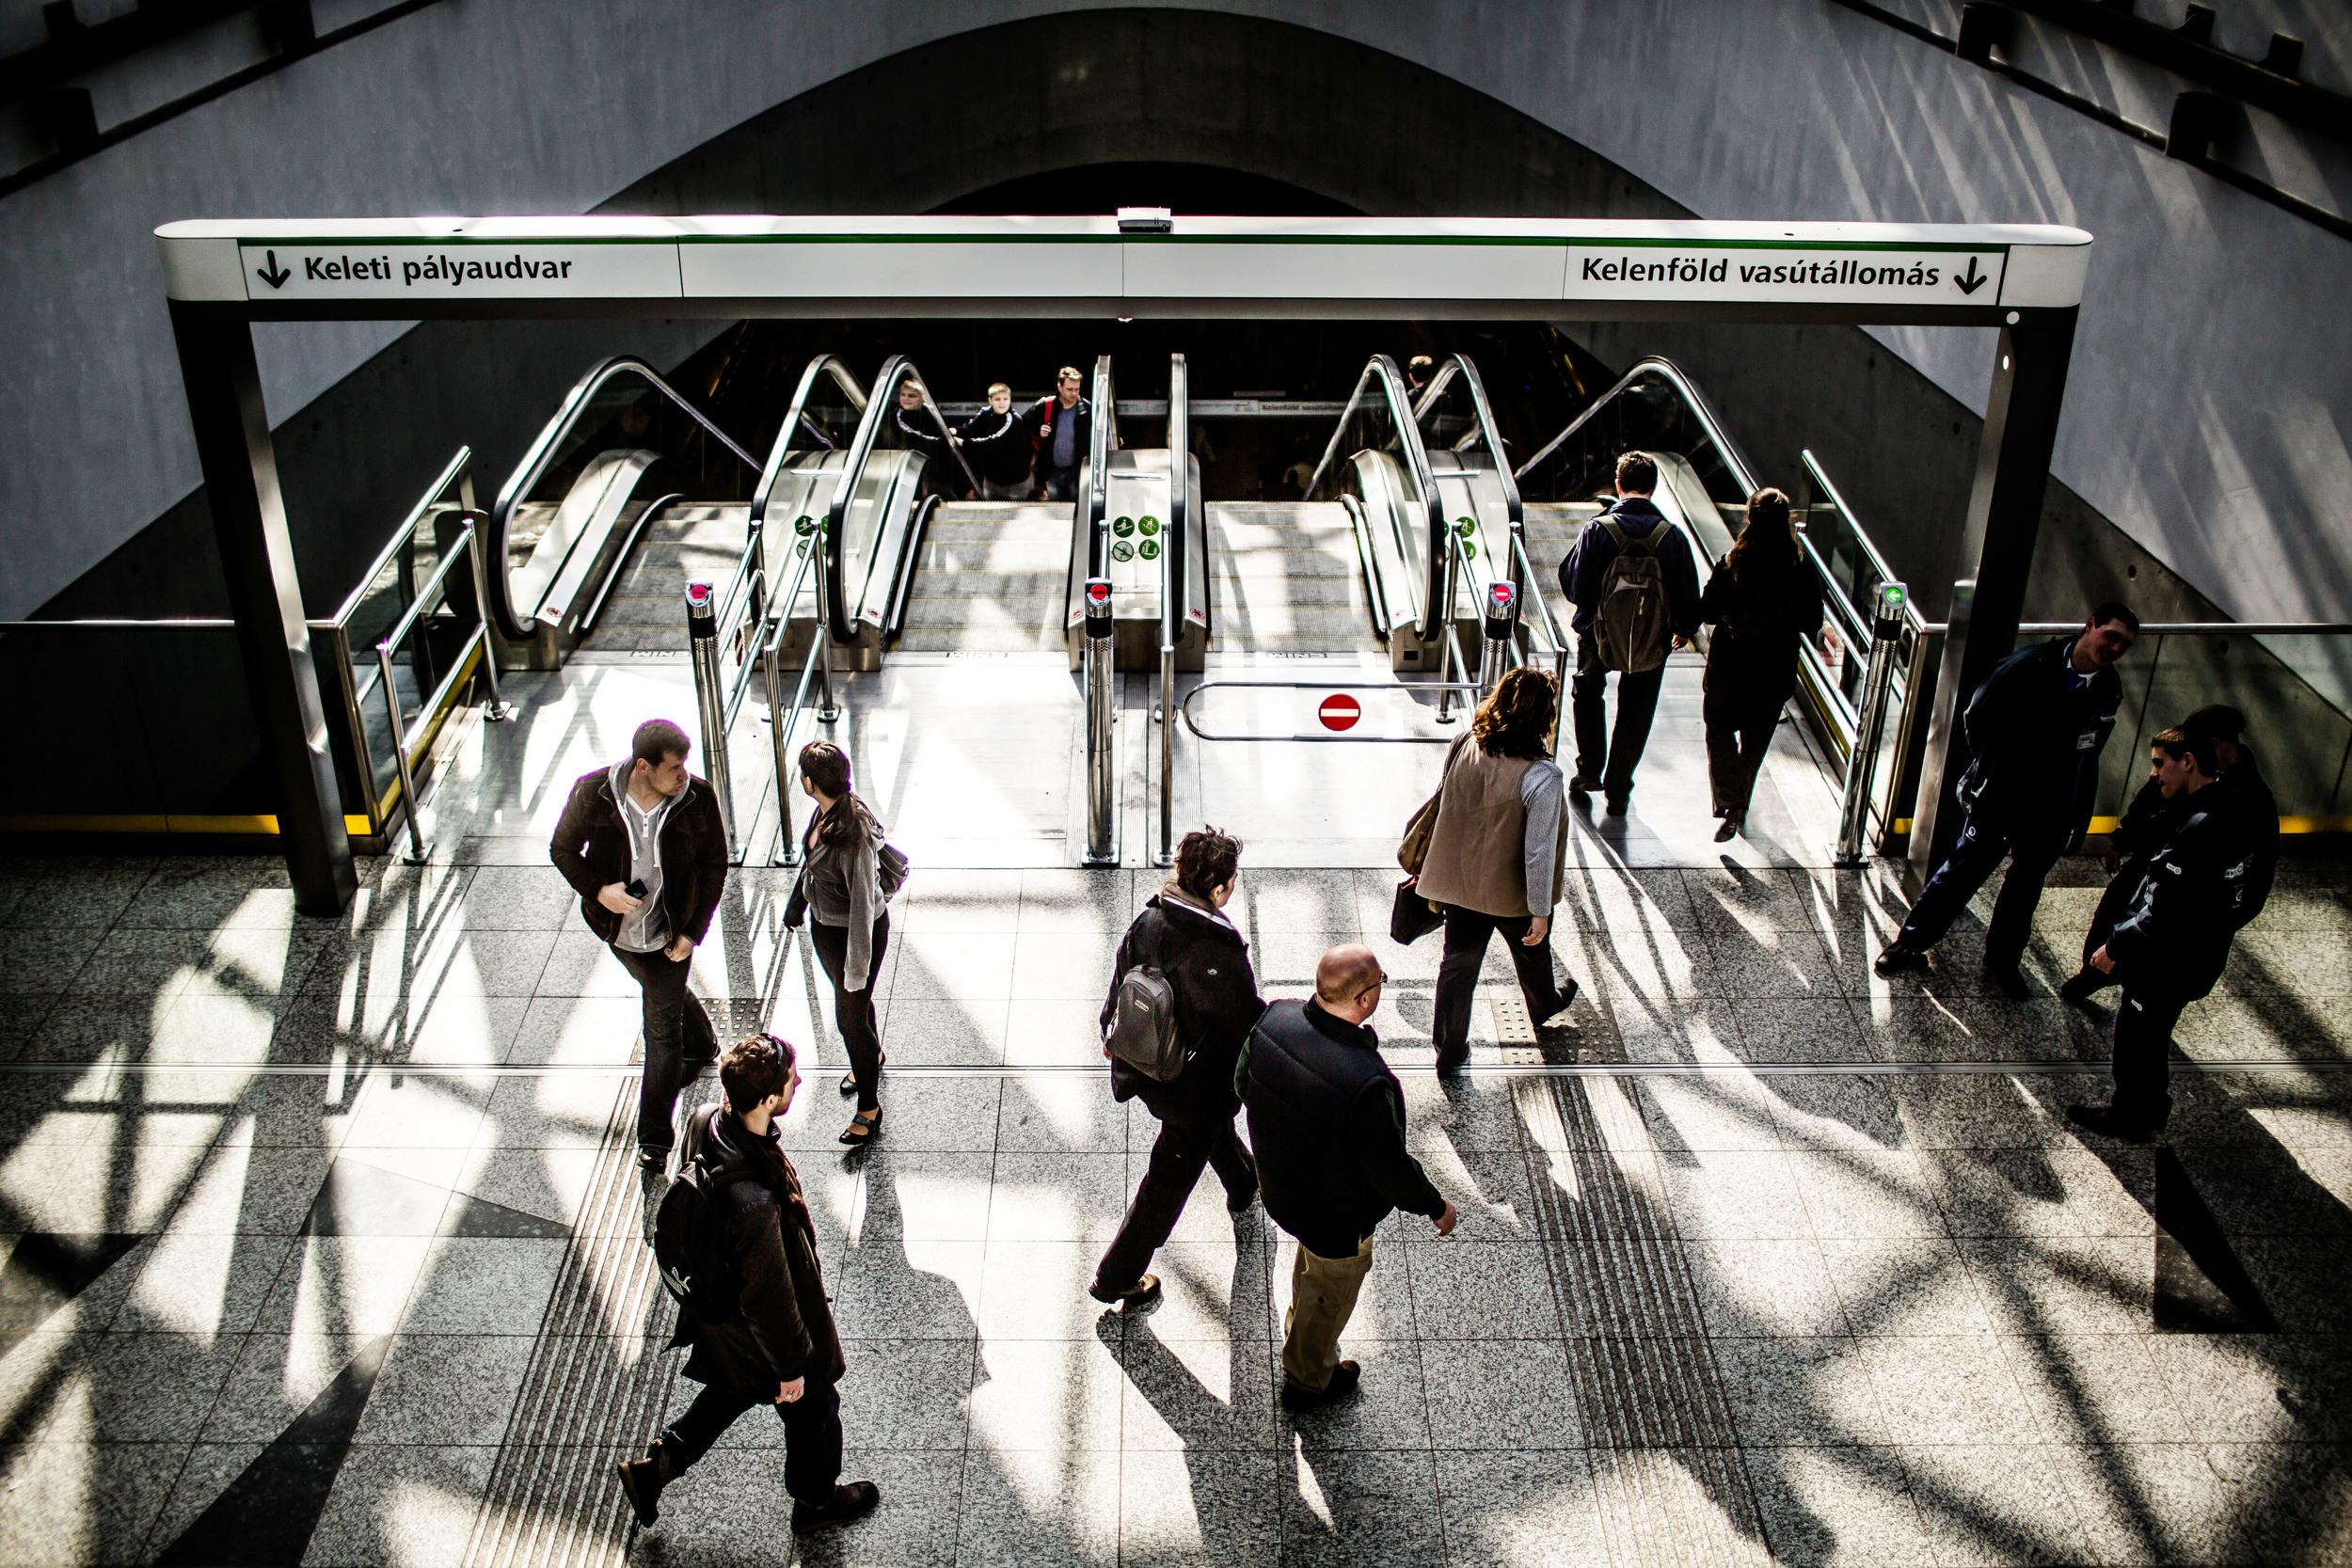 Mikor megnyitották a megállókat, az emberek szinte megőrültek érte.